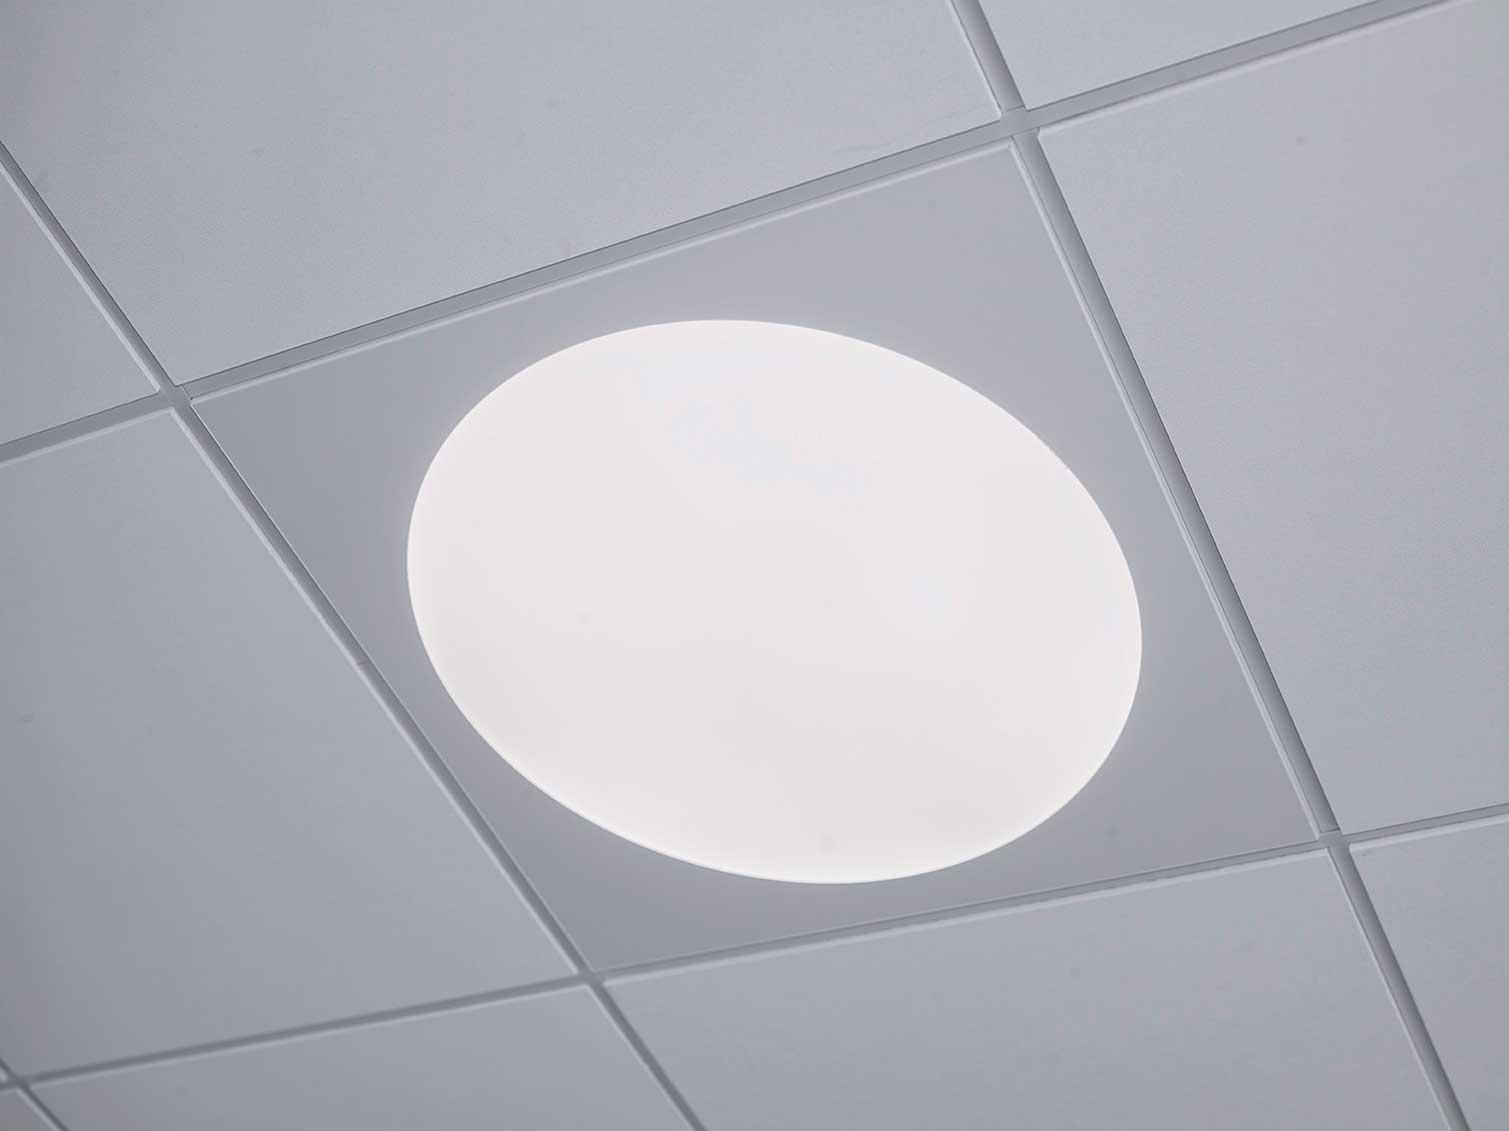 Ledgo Circle 595 LED panel lampe, indbygget i loft nærbillede - Luminex